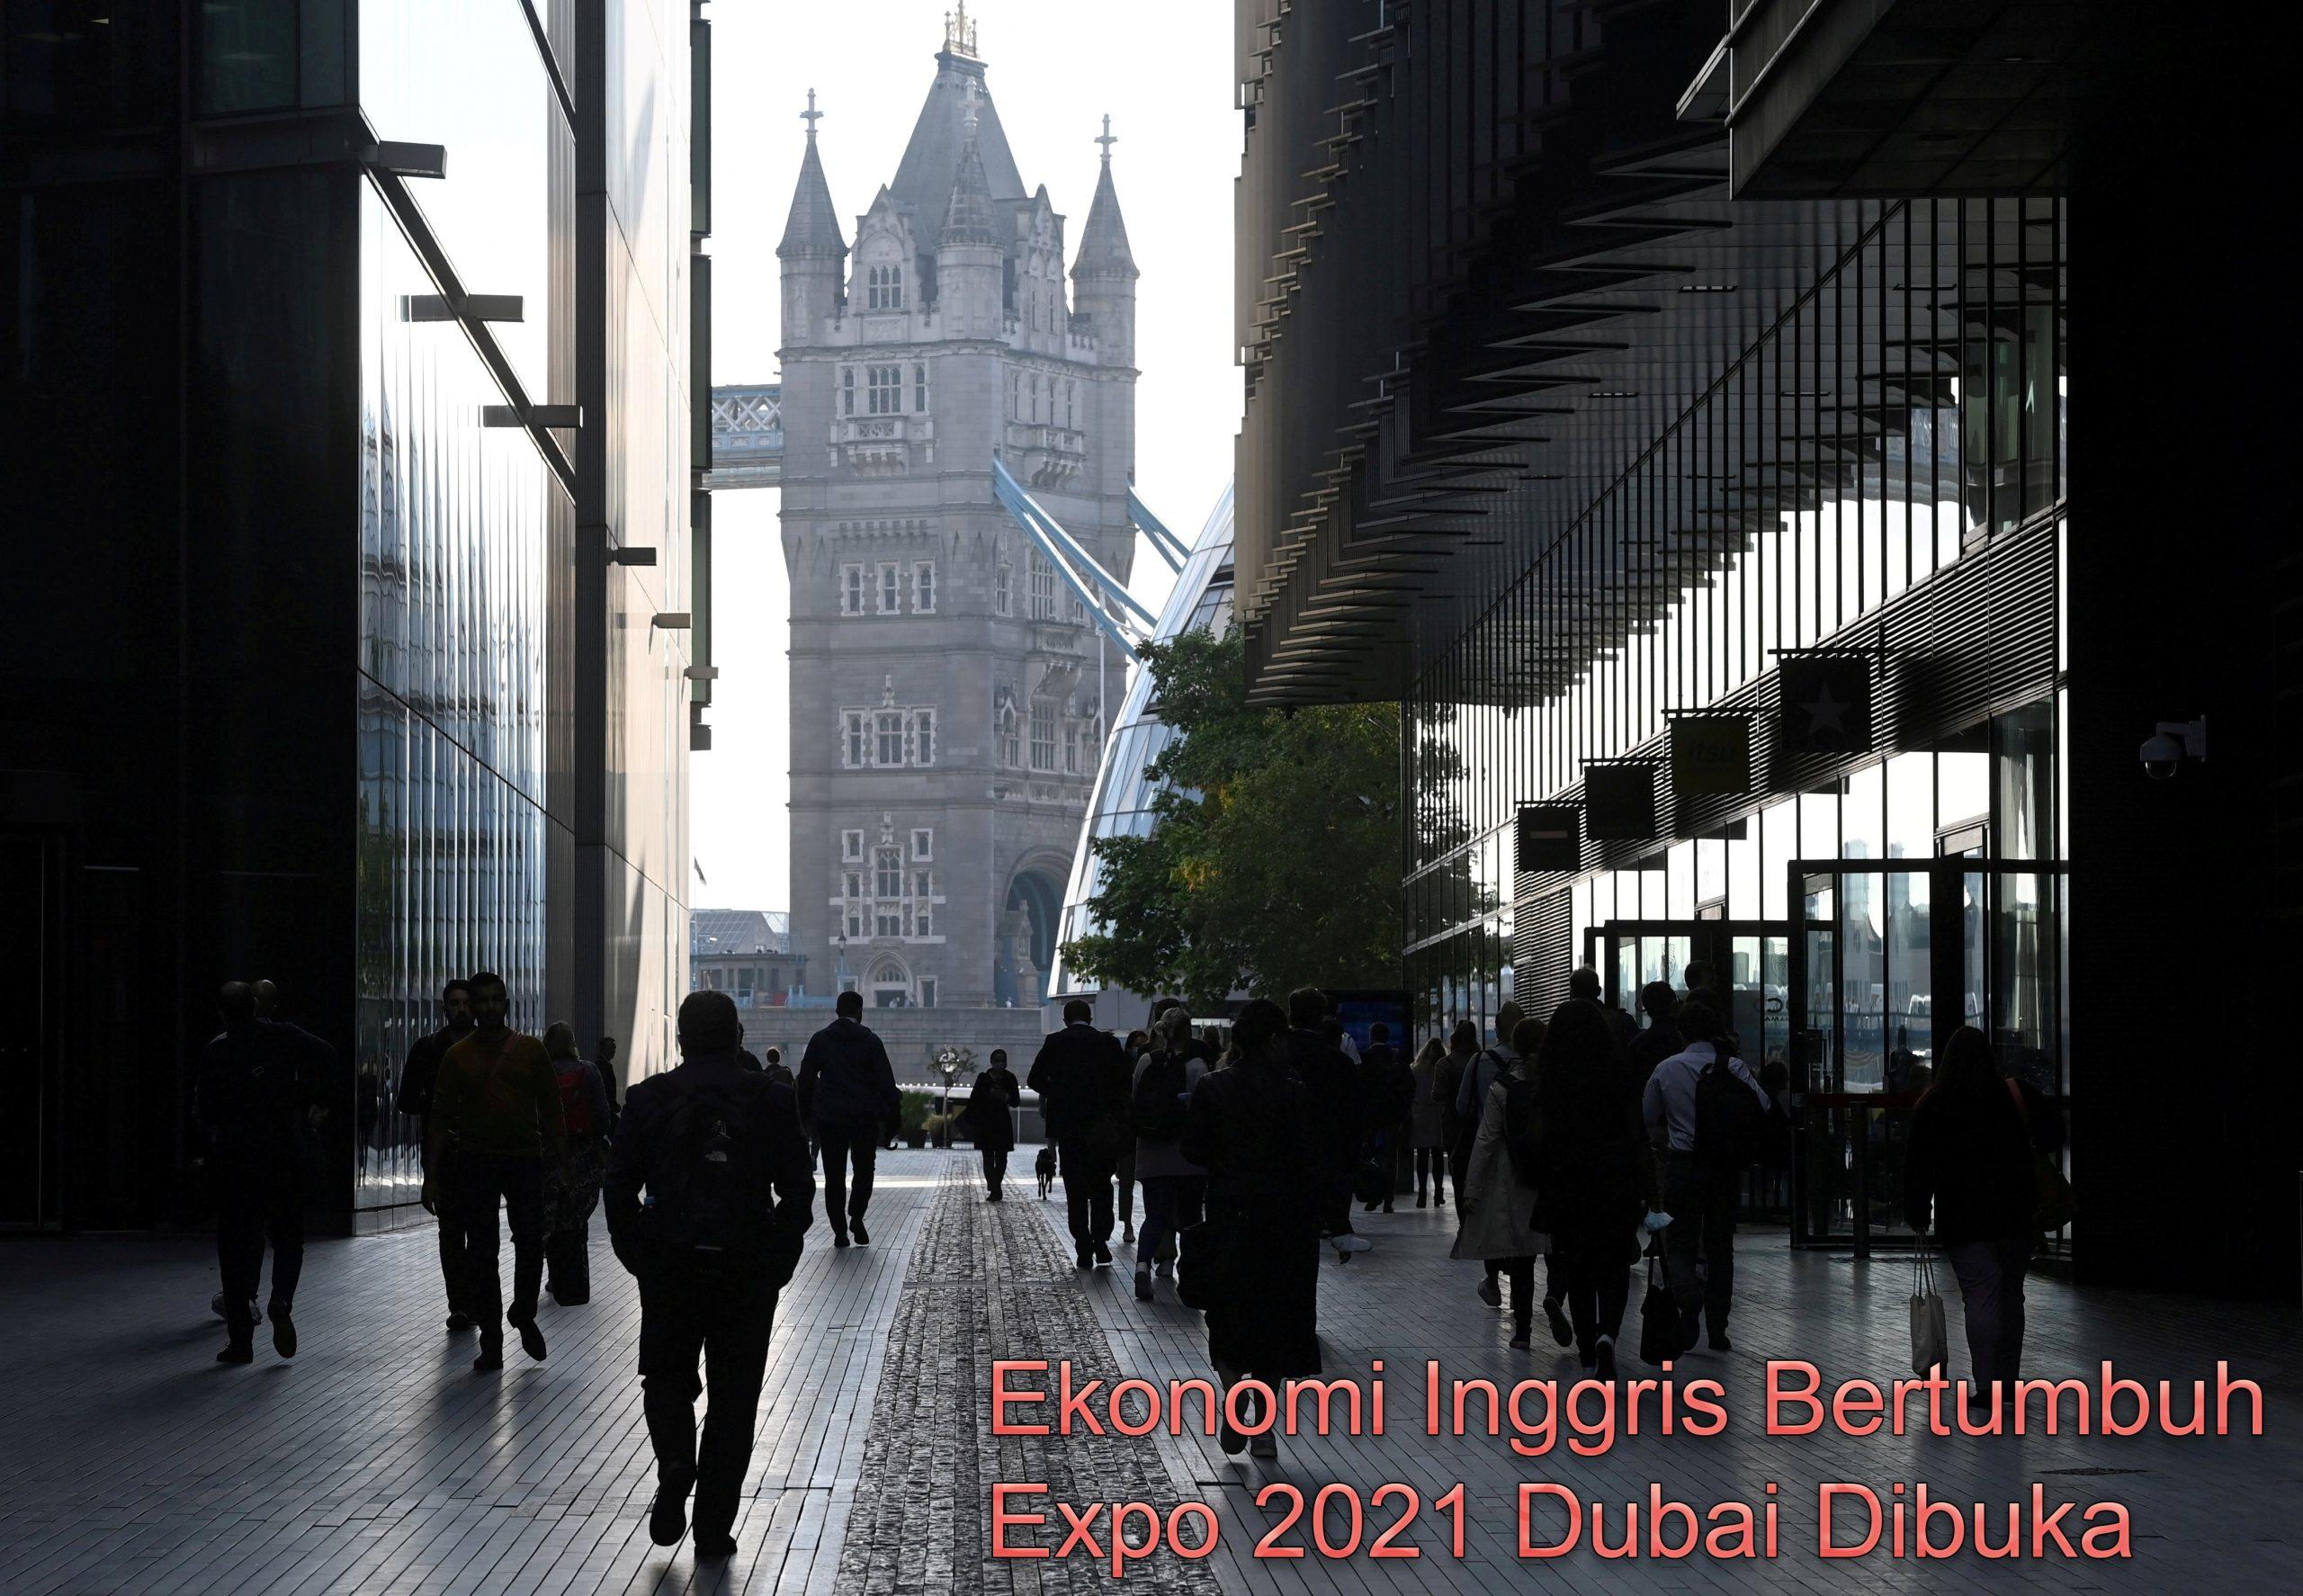 Ekonomi Inggris Bertumbuh, Expo 2021 Dubai Dibuka